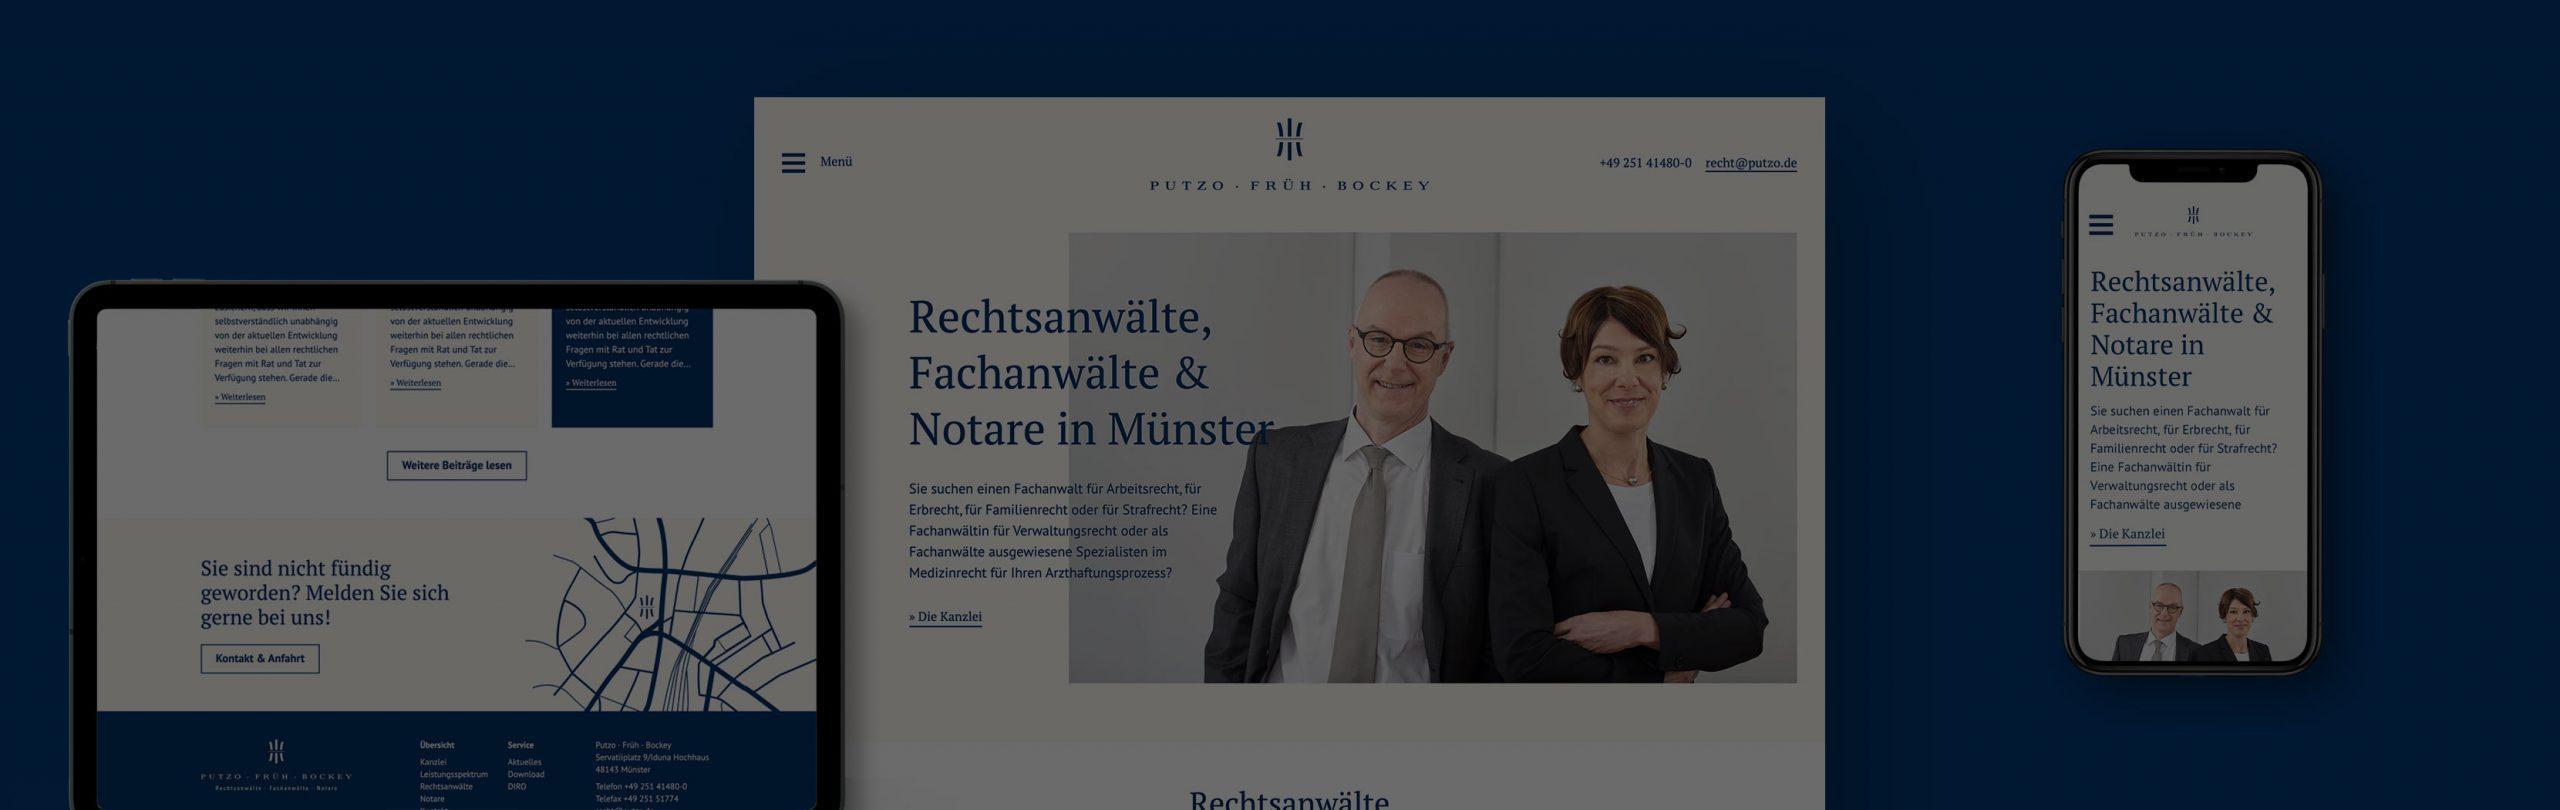 Screendesign Desktop, Tablet und Mobil für die Rechtsanwaltskanzlei Putzo-Früh-Bockey